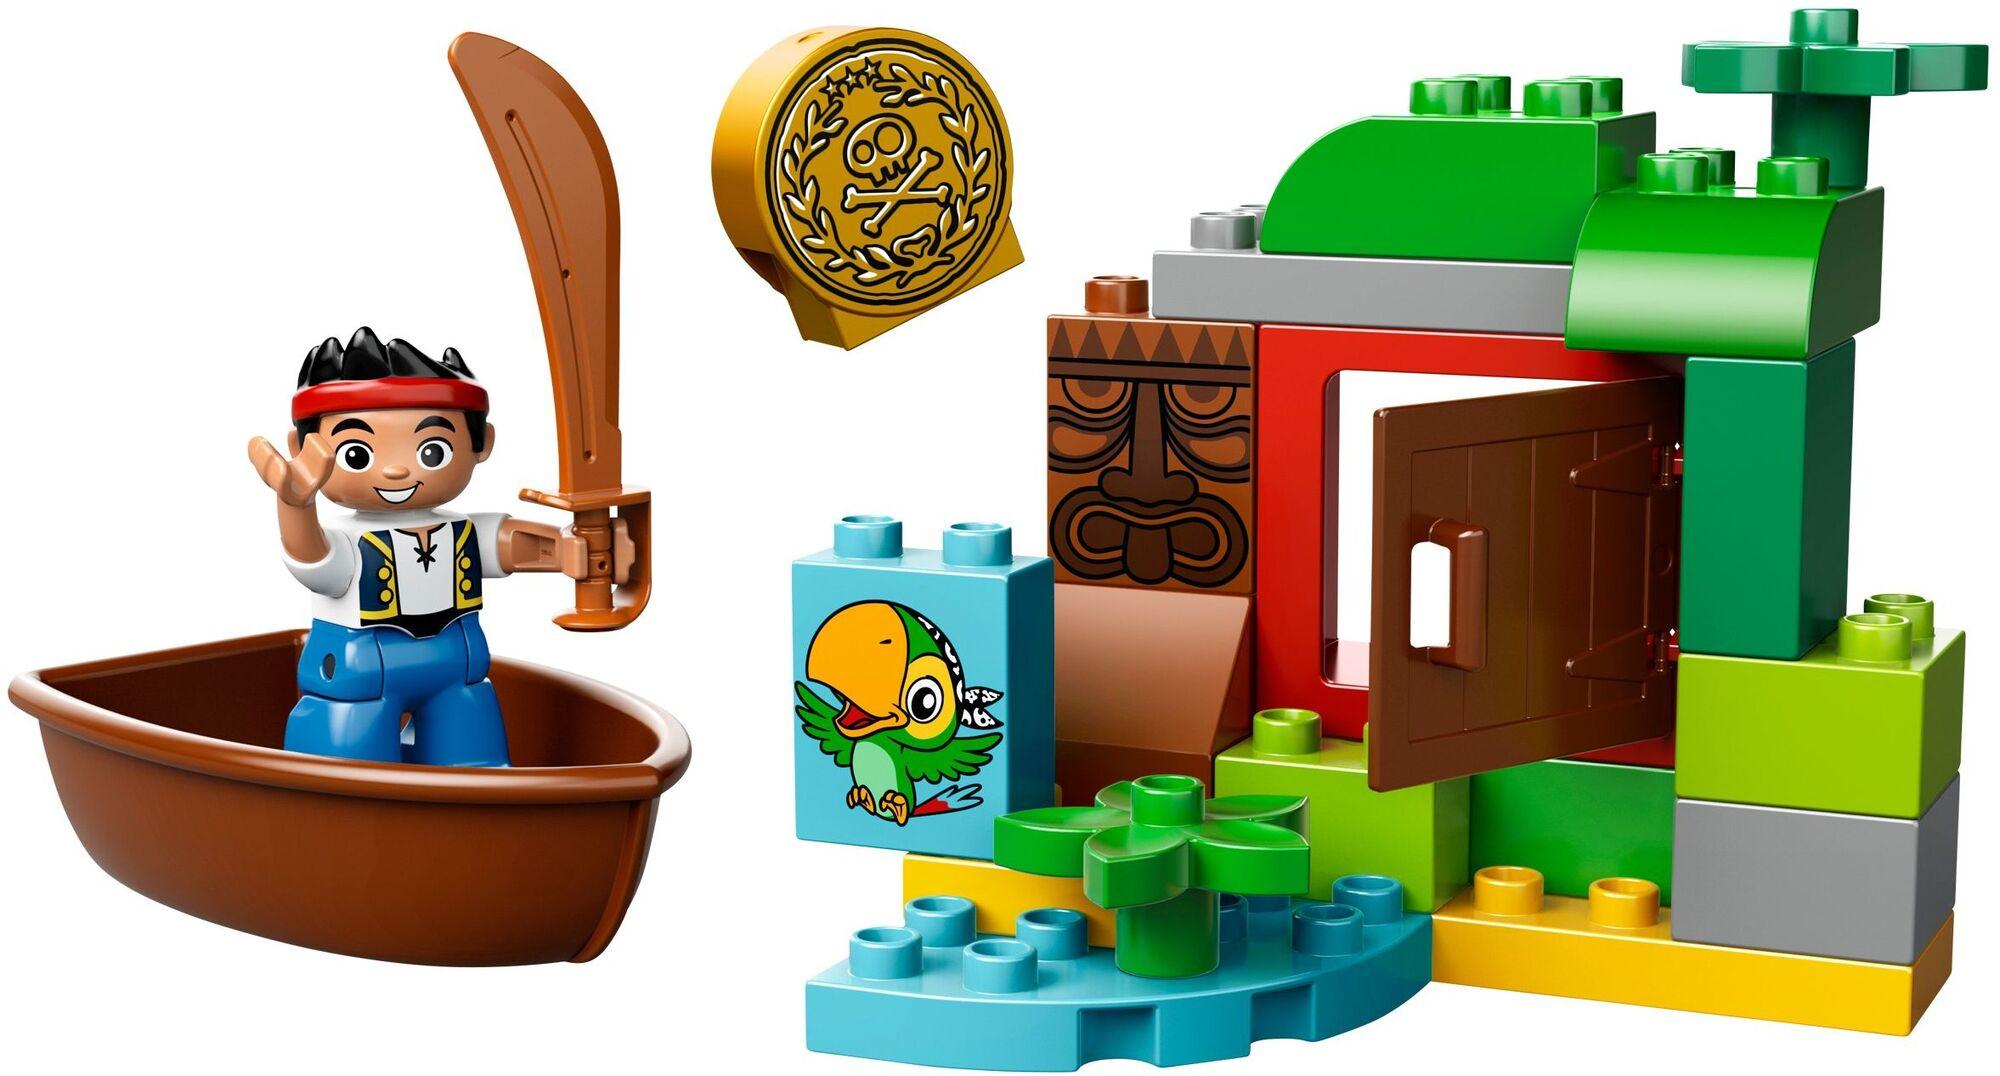 Jakes Schatzsuche 10512 Lego Wiki Fandom Powered By Wikia